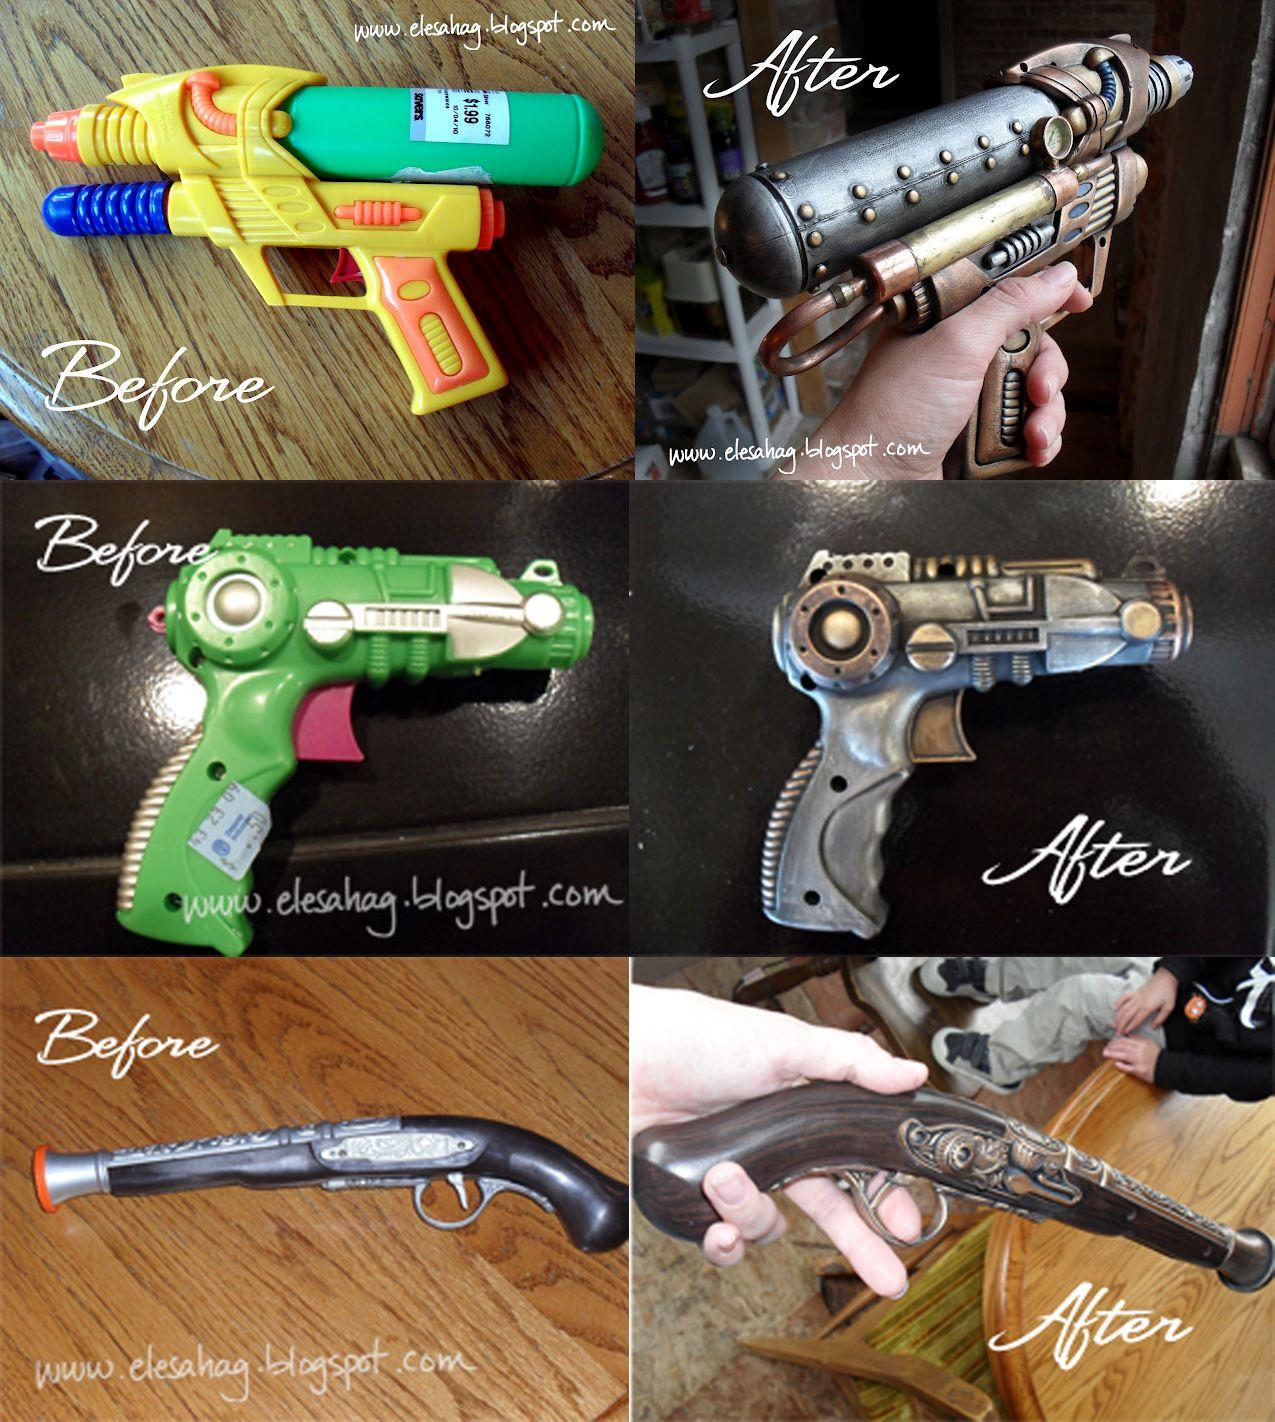 Comment Peindre/customiser Un Pistolet à Eau Bon Marché Pour En Faire Une